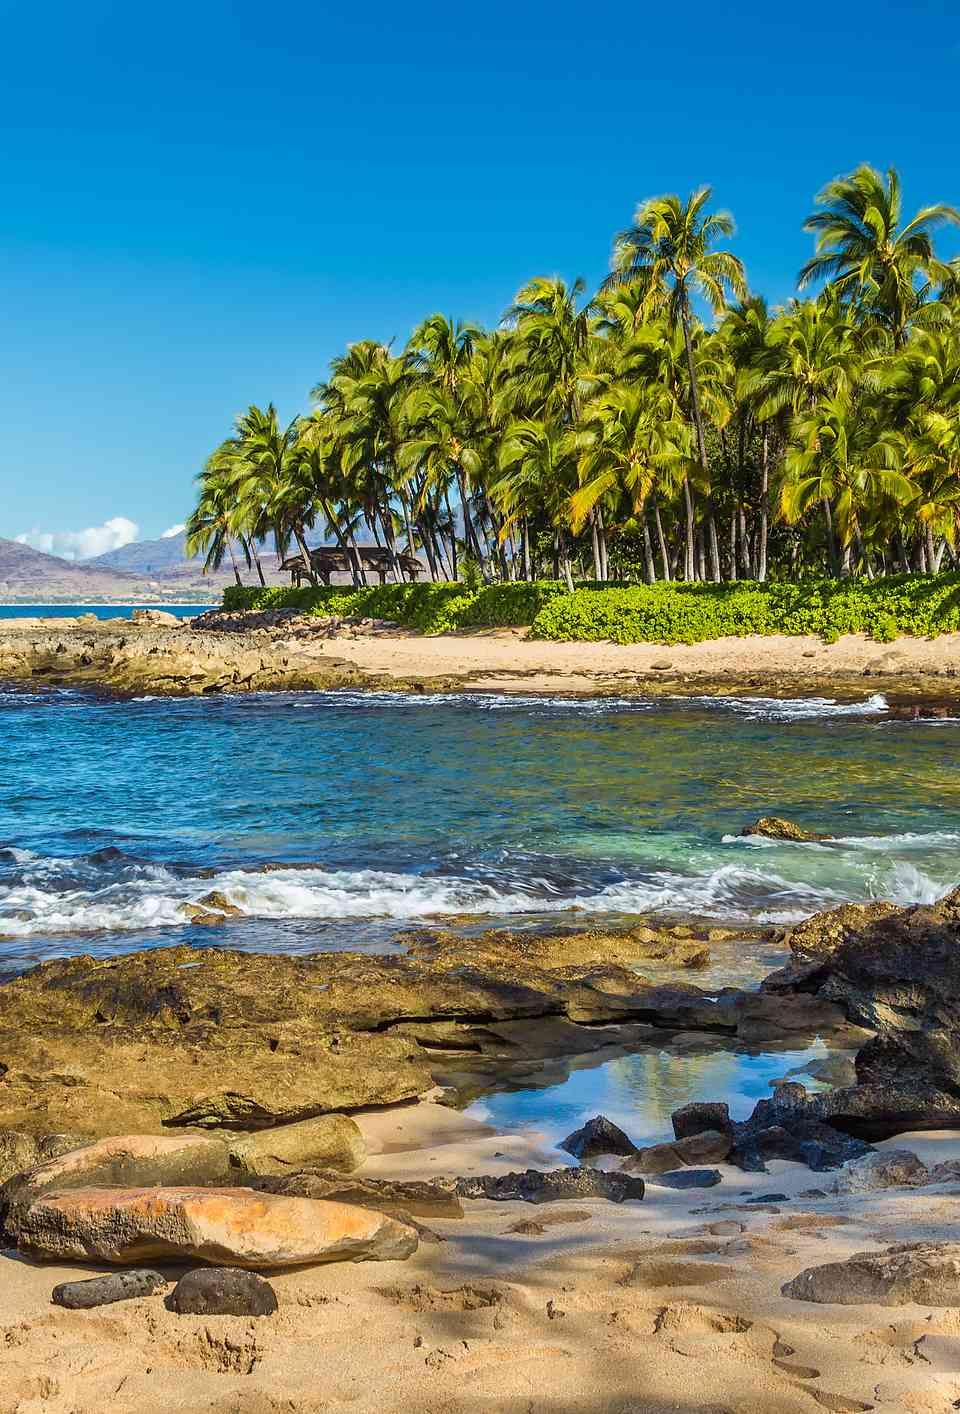 One of the secret beaches near Ko Olina resort on Leeward Oahu, Hawaii